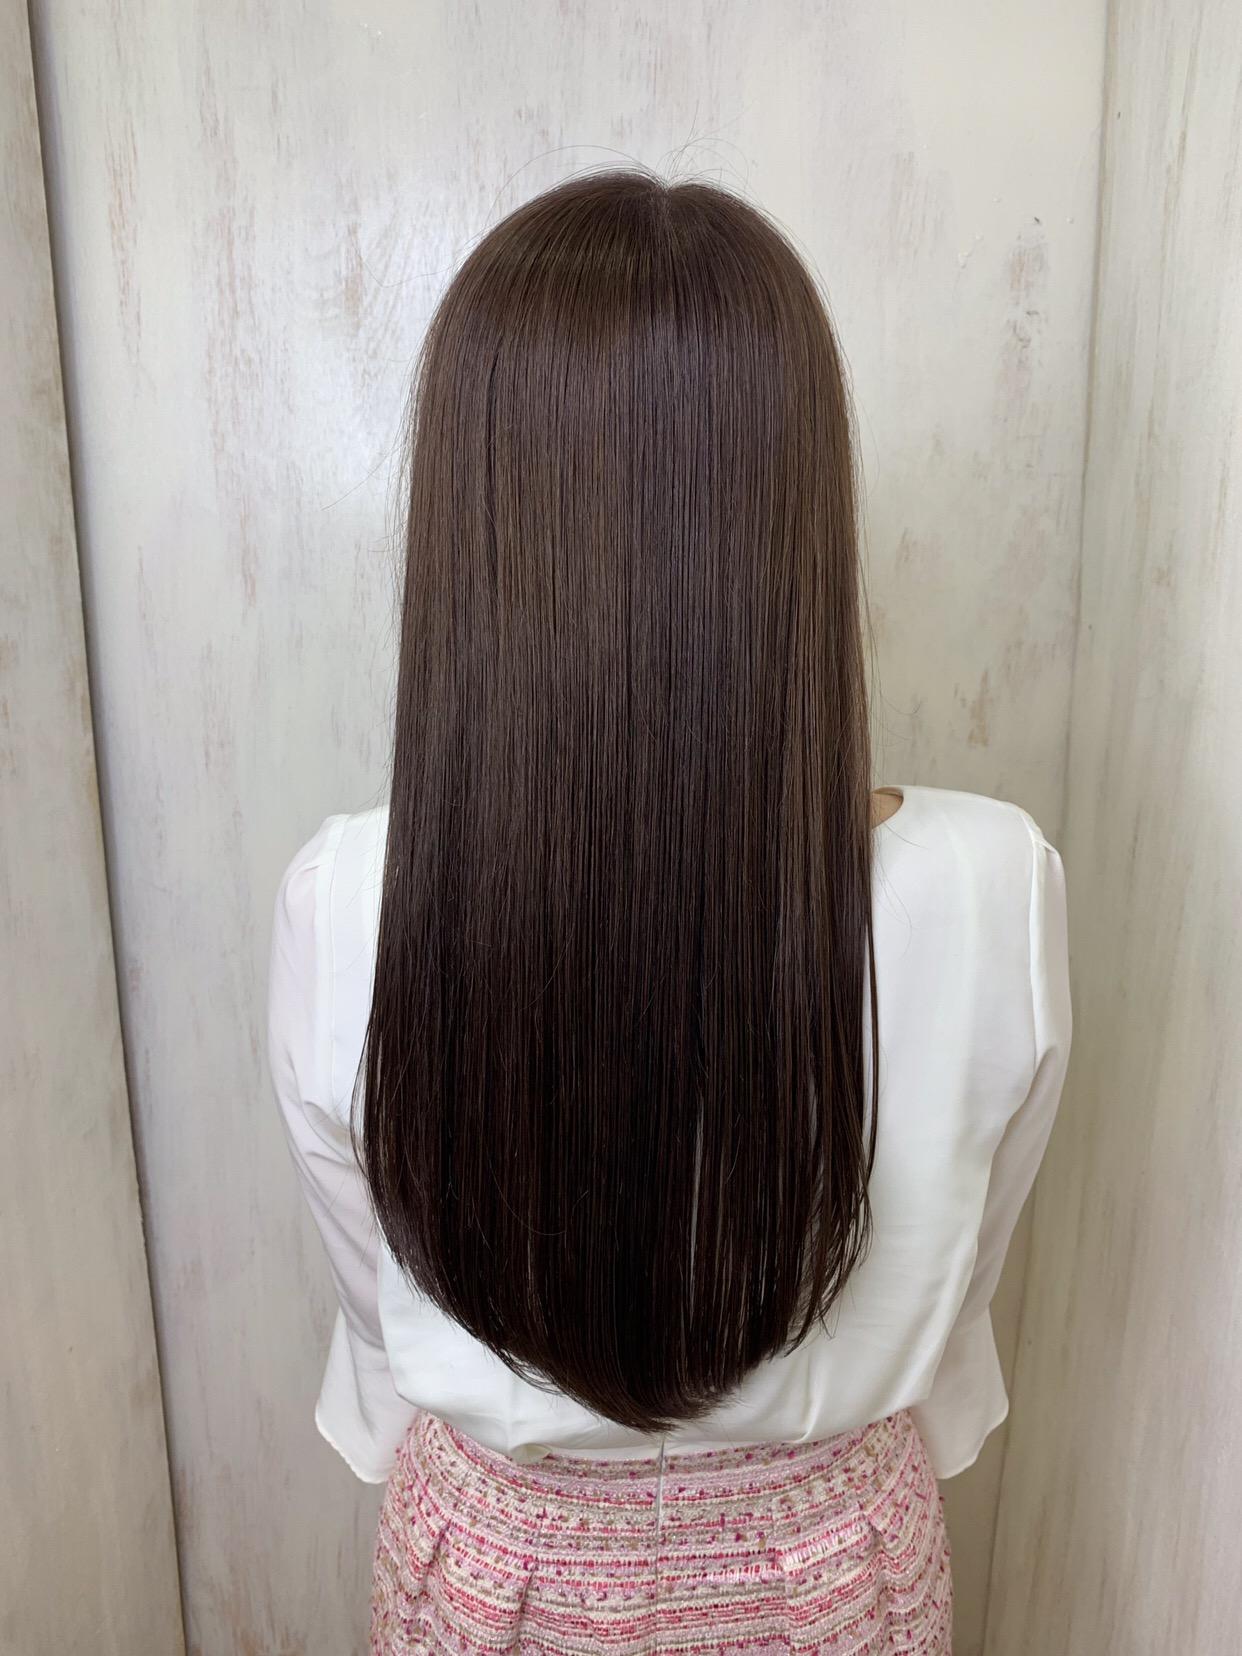 【ジュエリーシステム×LULUトリートメント×縮毛矯正】でつやっつやの艶髪に。原宿・表参道『1000人をツヤ髪にヘアケア美容師の挑戦』